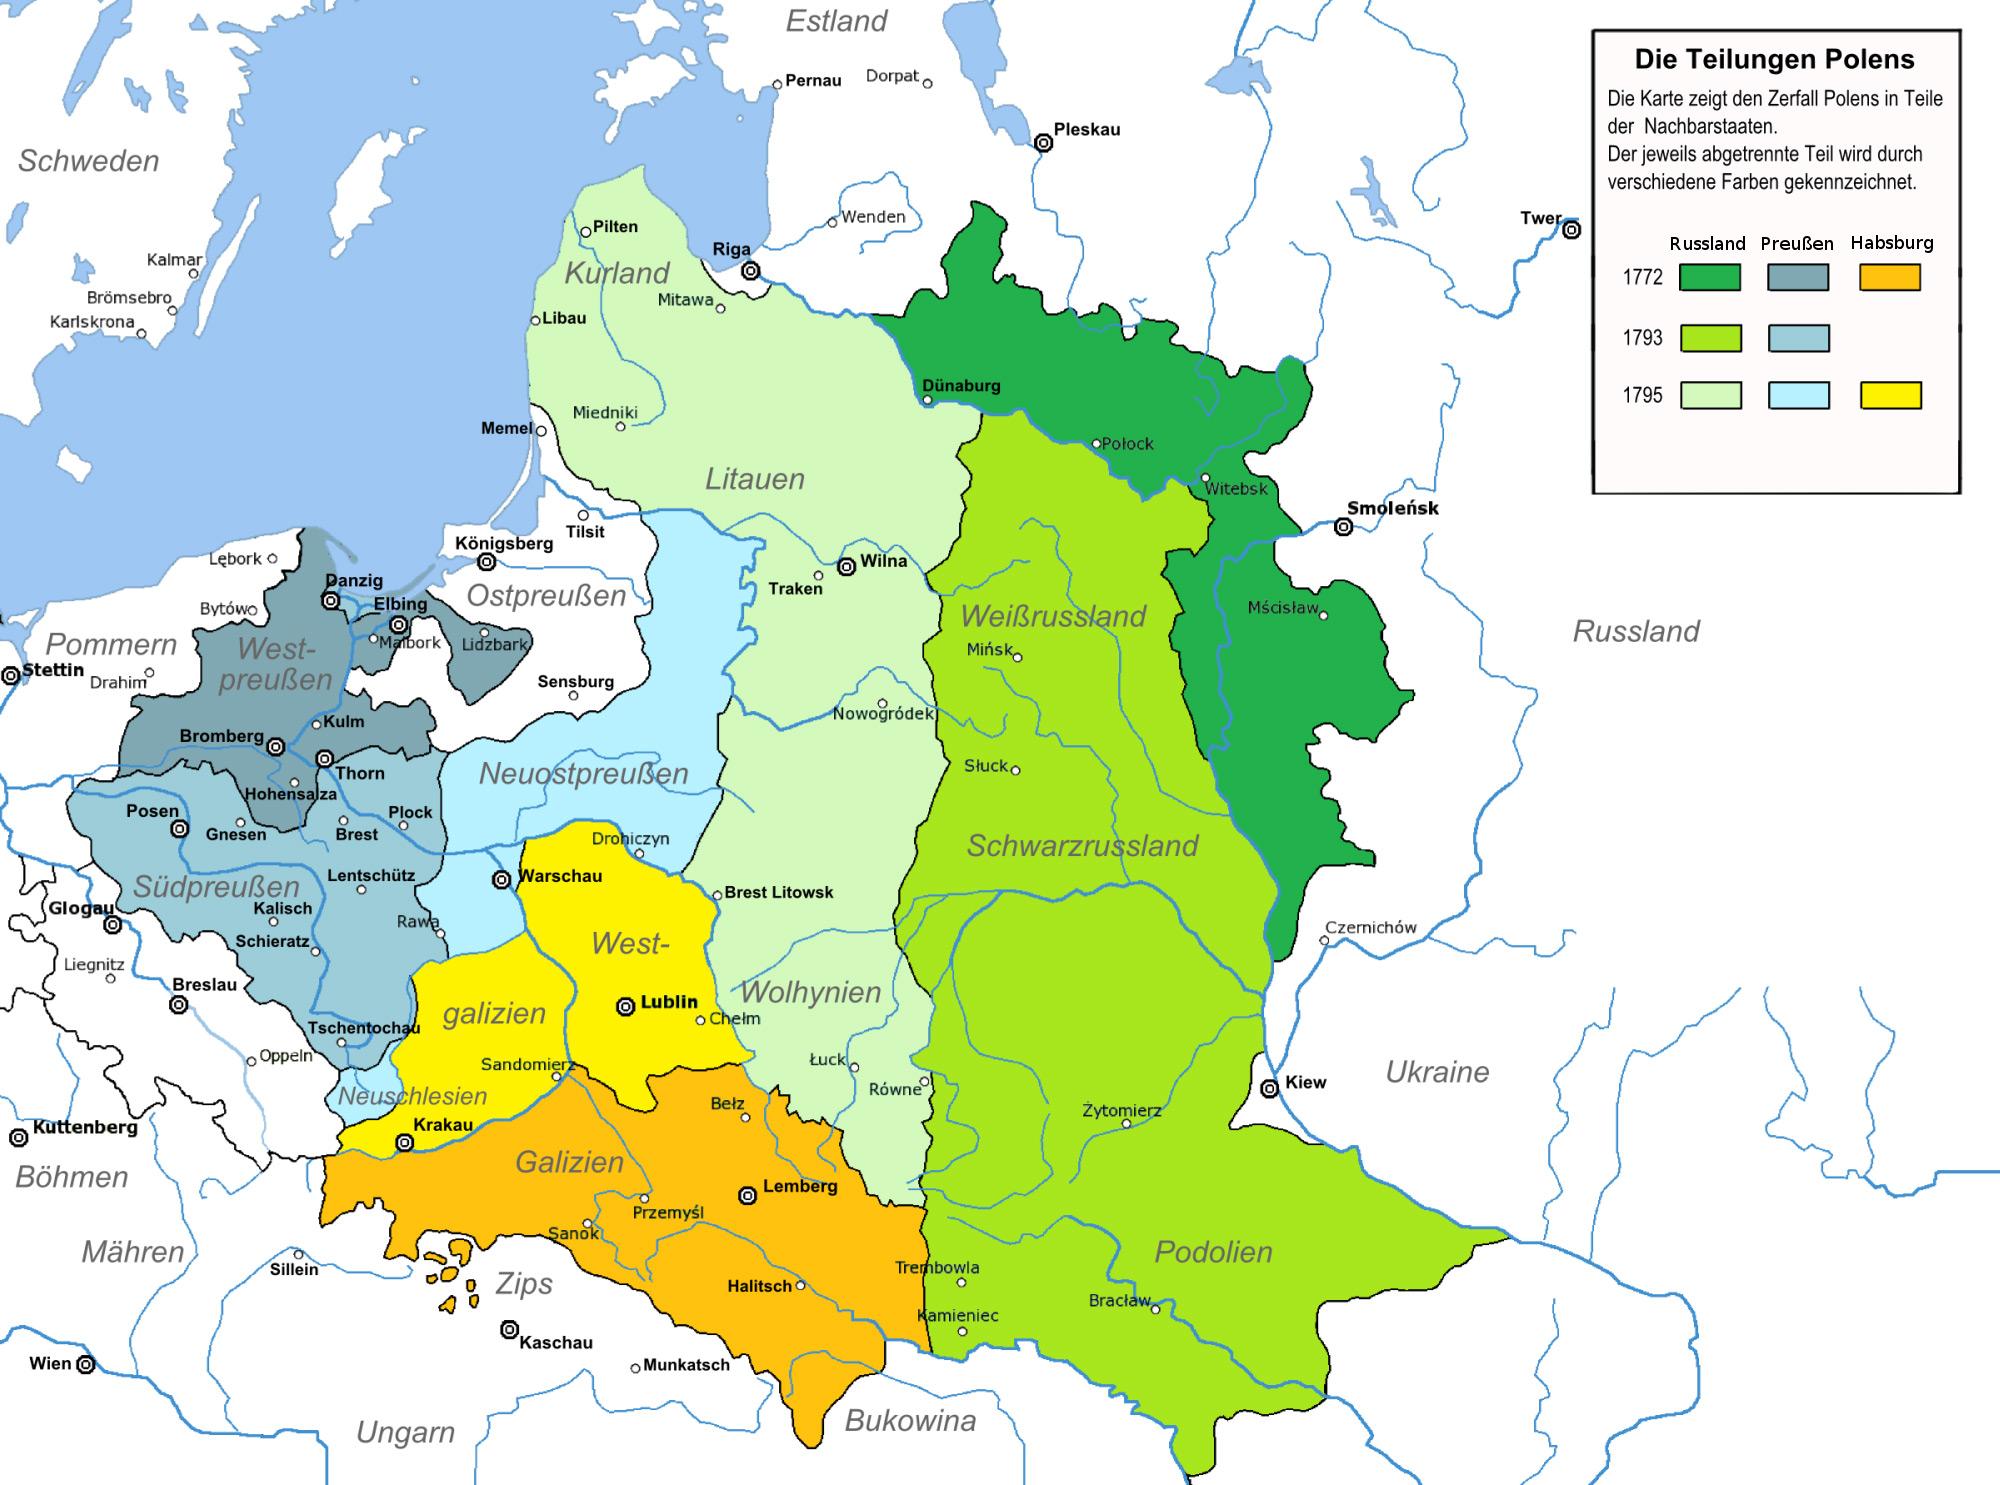 Die drei Polnischen Teilungen